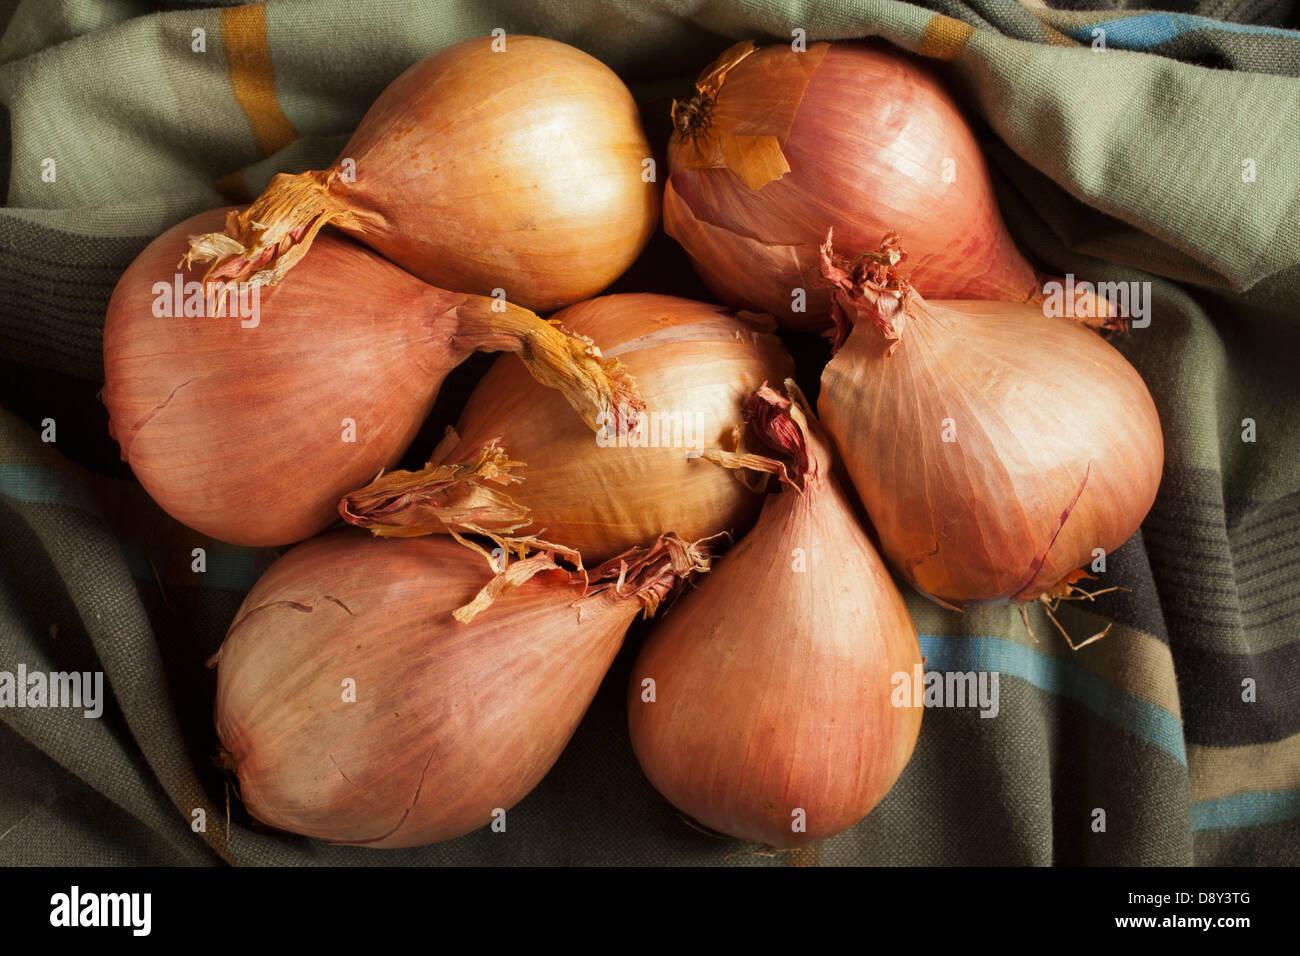 Échalotes, un ingrédient classique Photo Stock